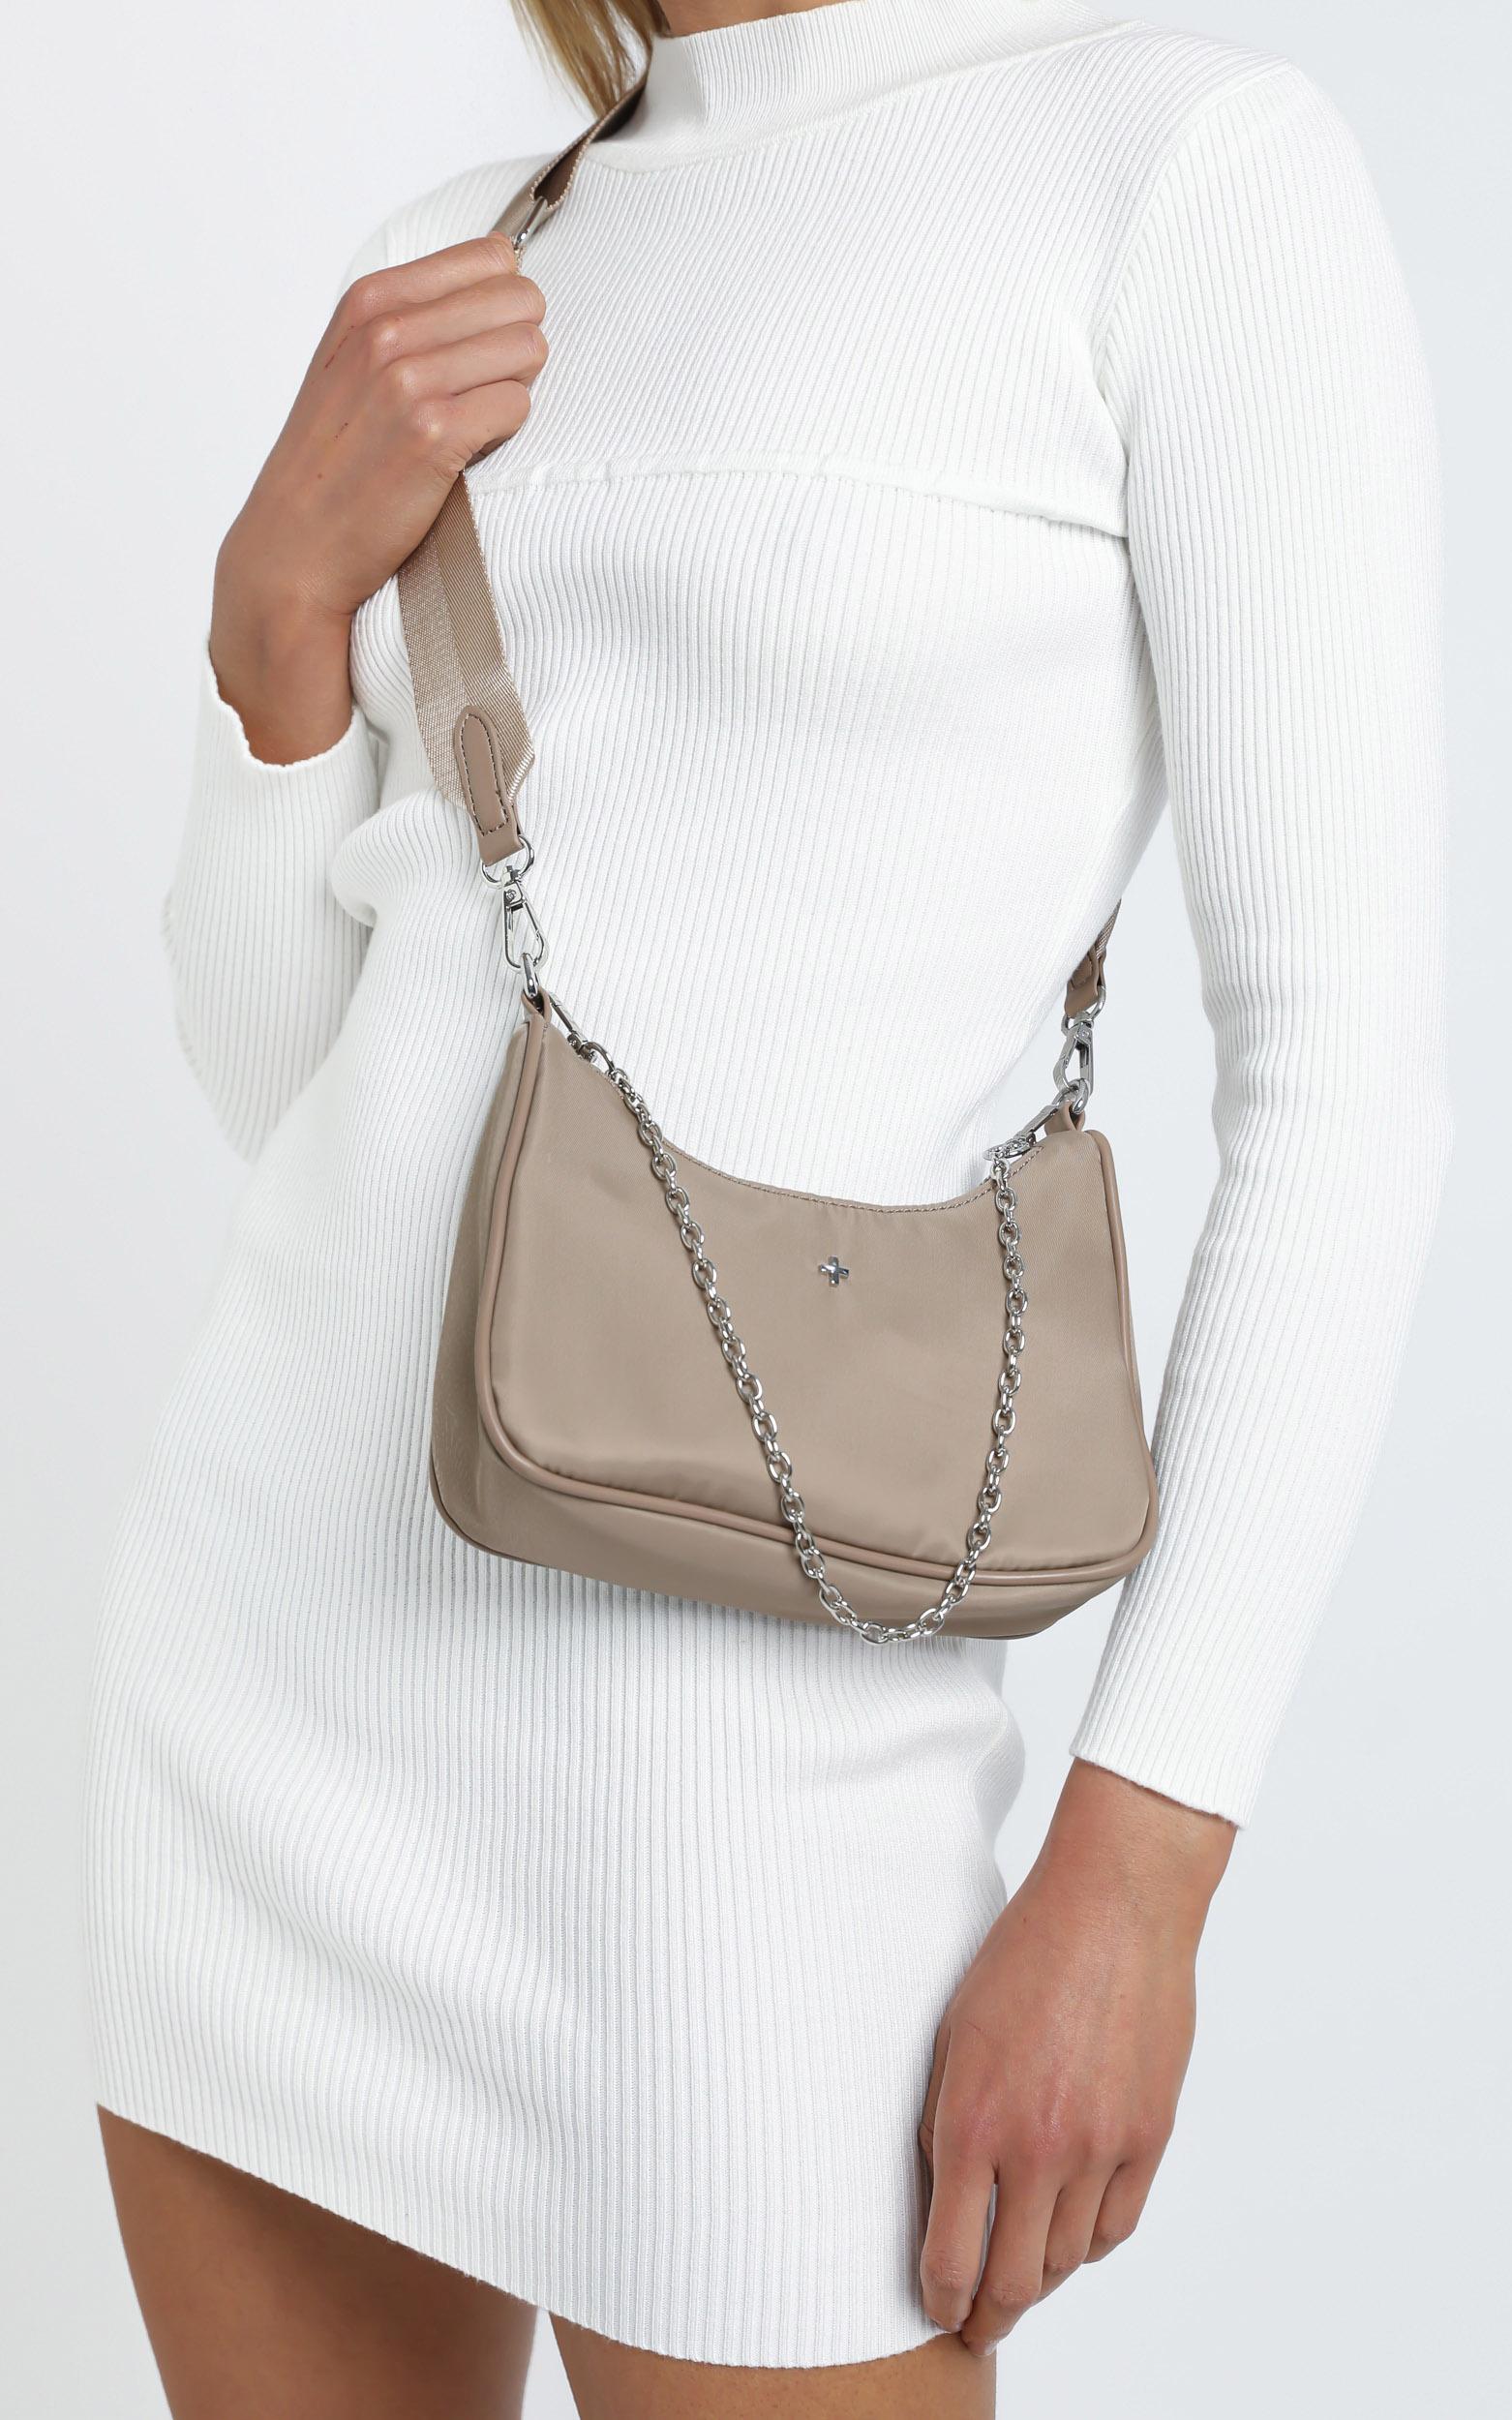 Peta and Jain - Paloma Bag in Cappuccino Nylon, Tan, hi-res image number null